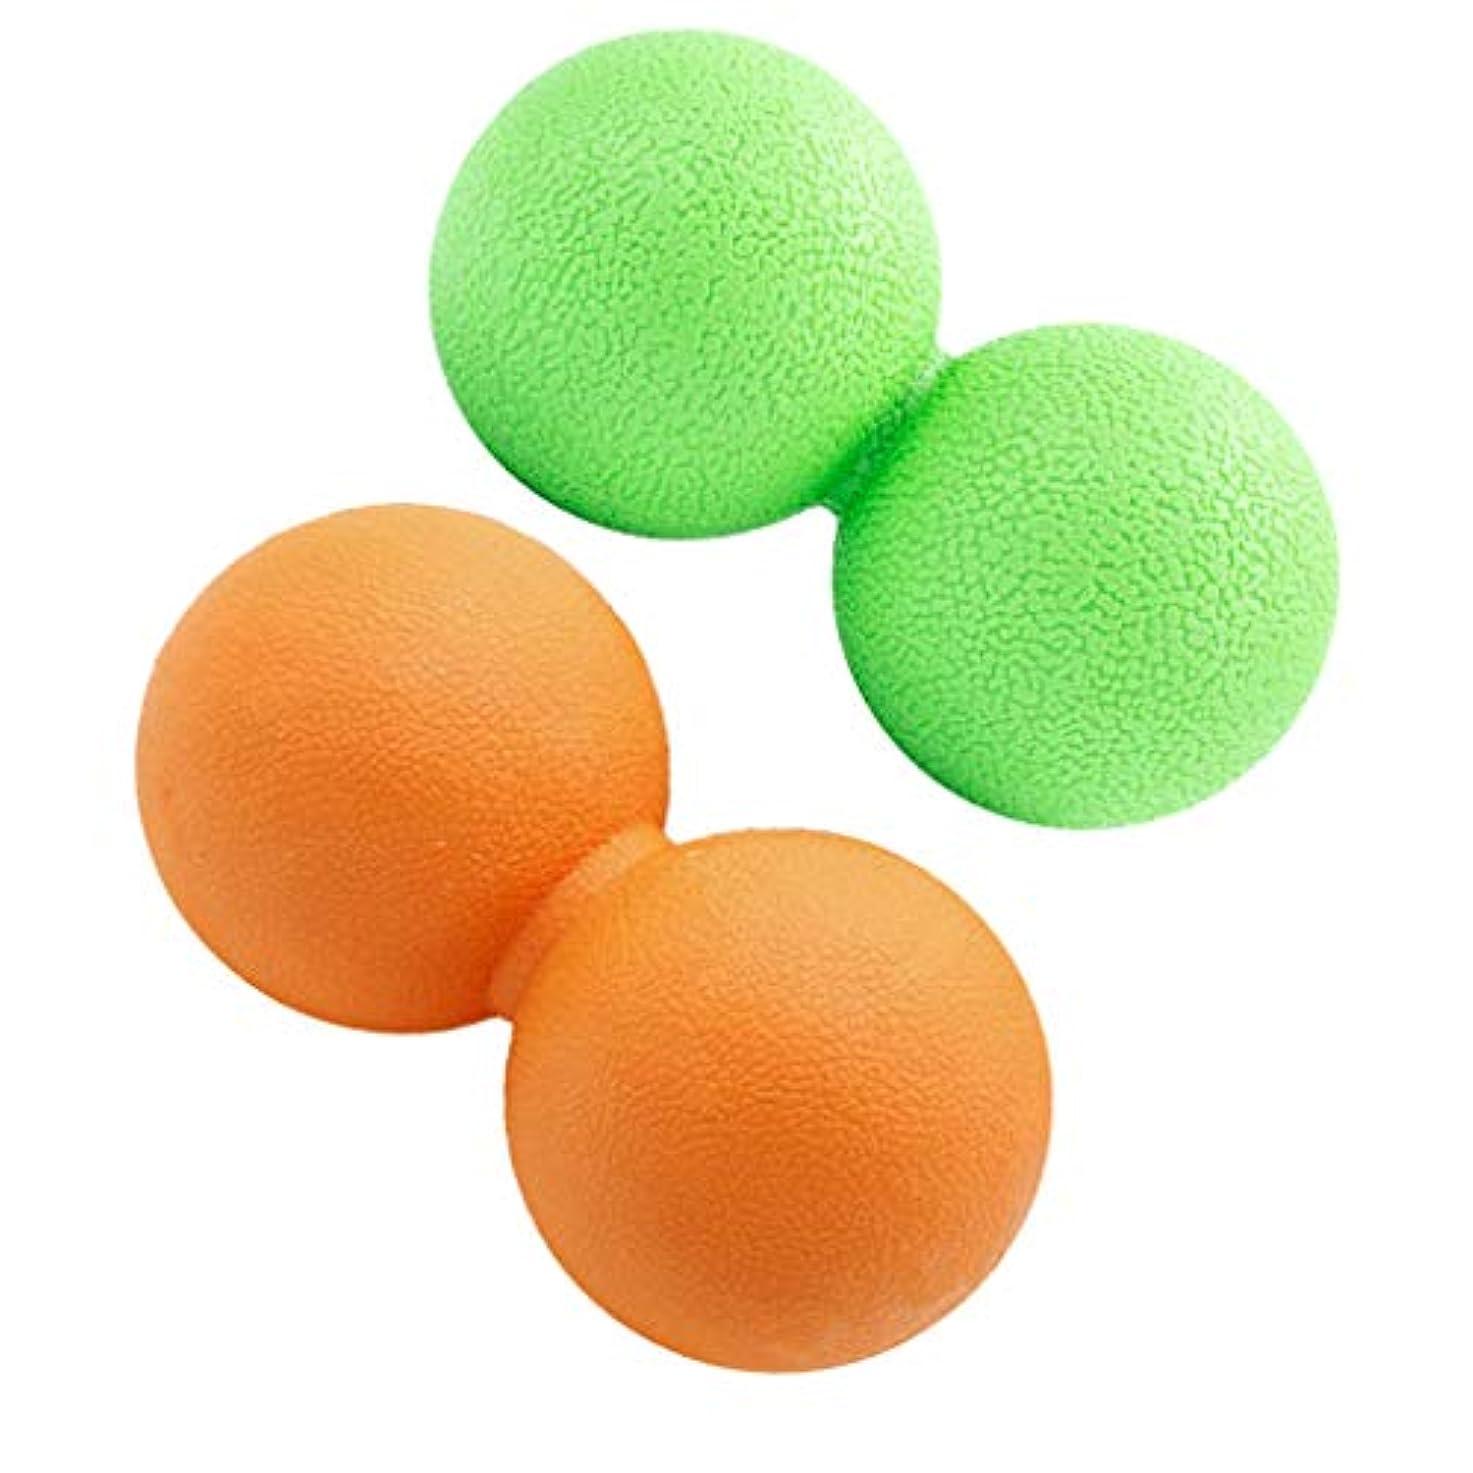 アクティブ比率残酷な2個 マッサージボール ピーナッツ 疲れ解消ボール トリガーポイント 筋膜リリース ツボ押しグッズ